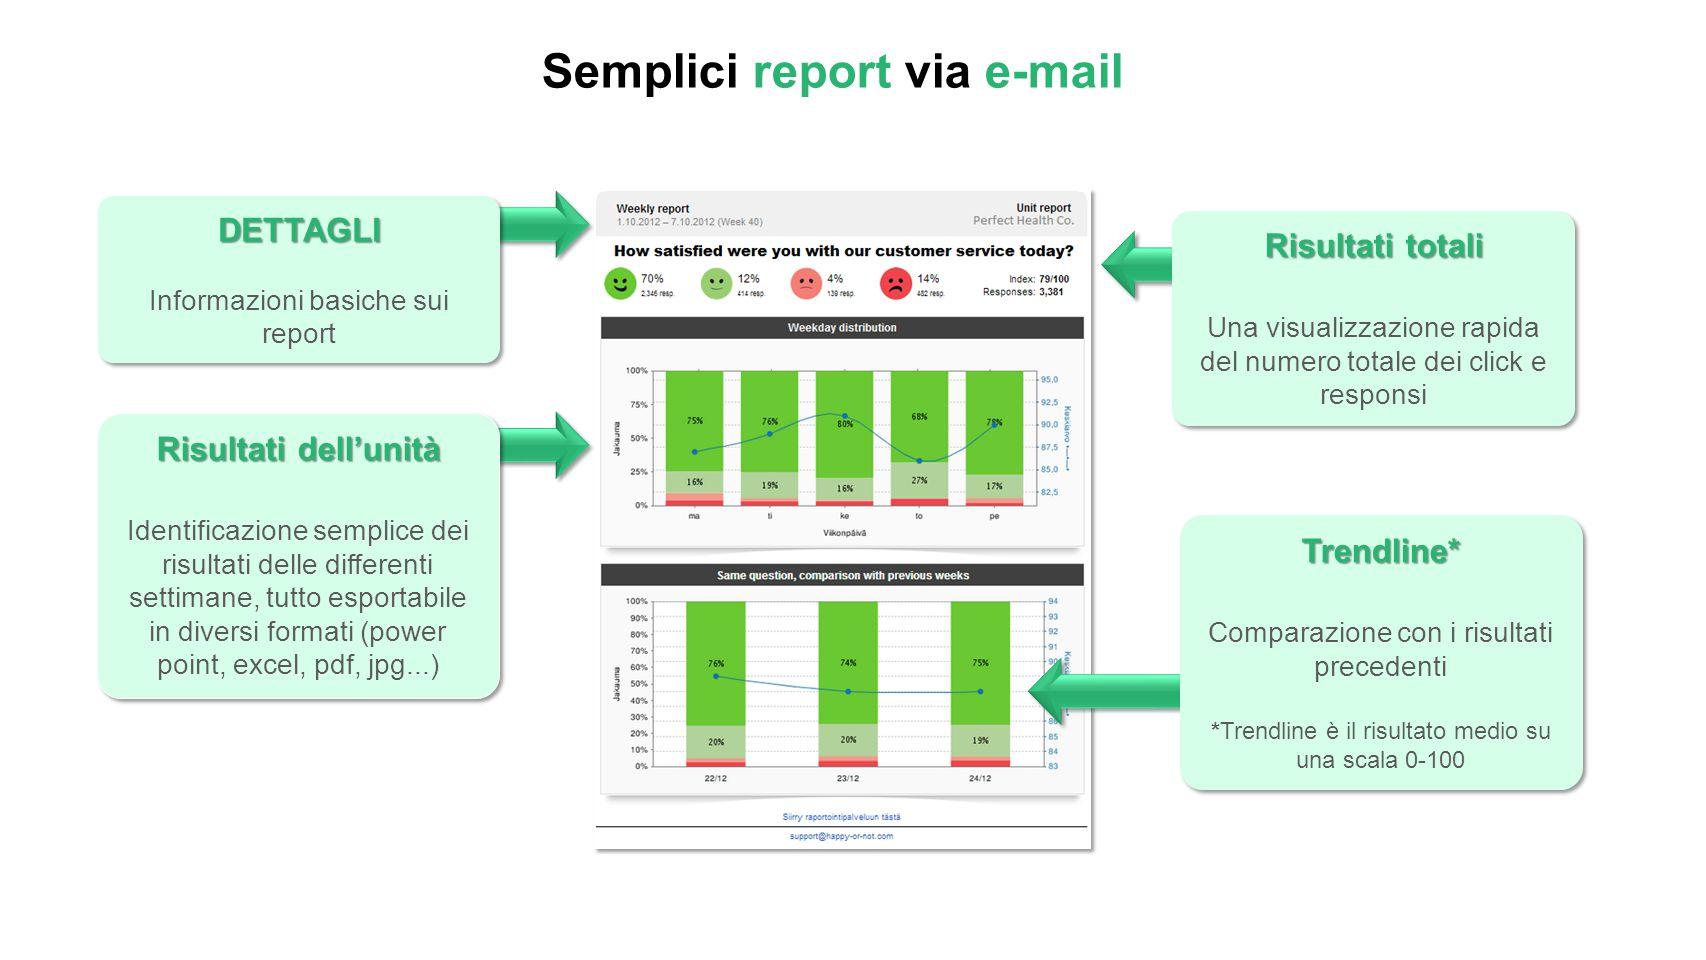 Semplici report via e-mail DETTAGLI Informazioni basiche sui reportDETTAGLI Risultati dell'unità Identificazione semplice dei risultati delle differen